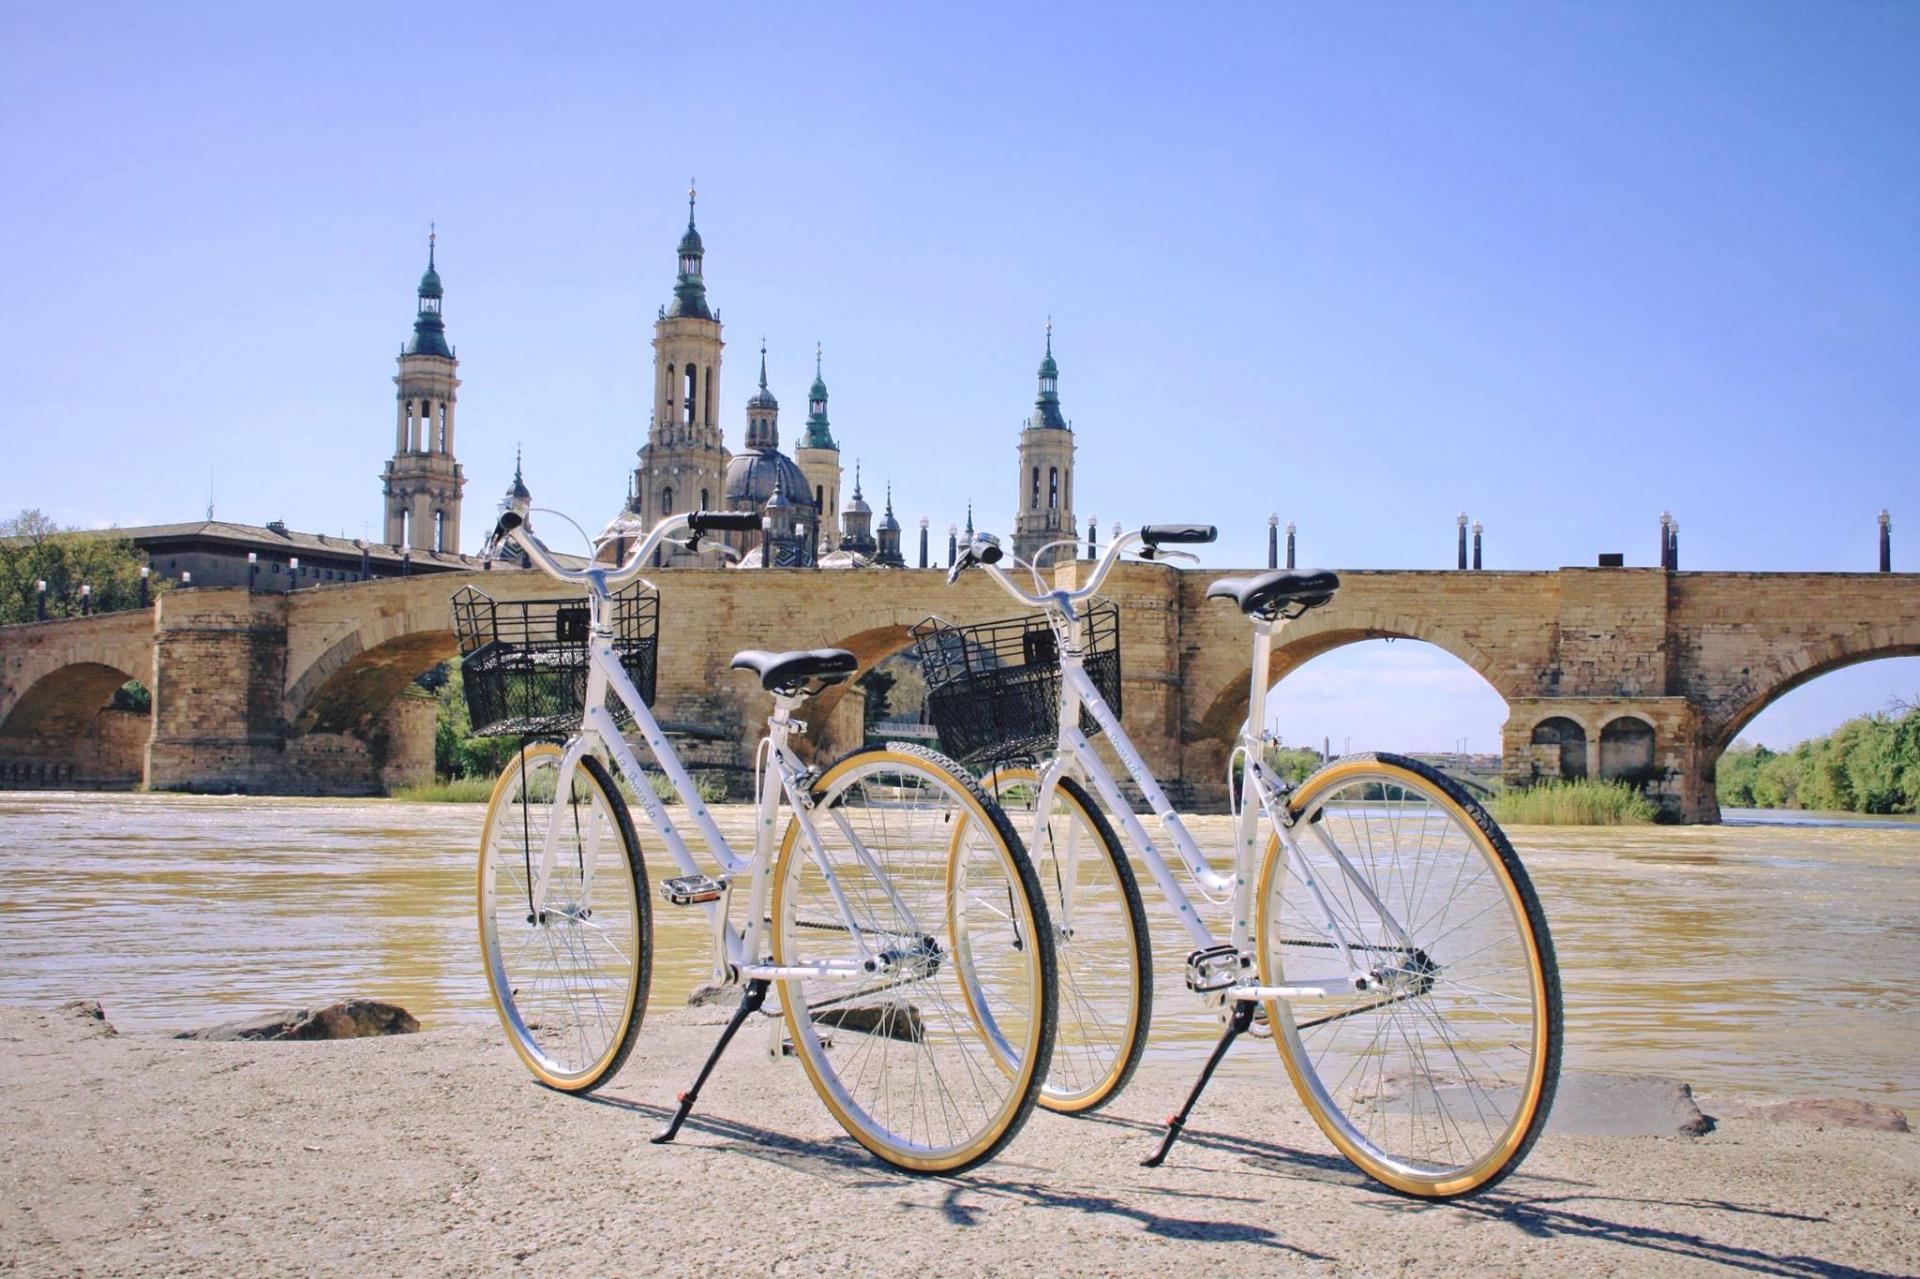 alquiler bicicletas zaragoza.jpg